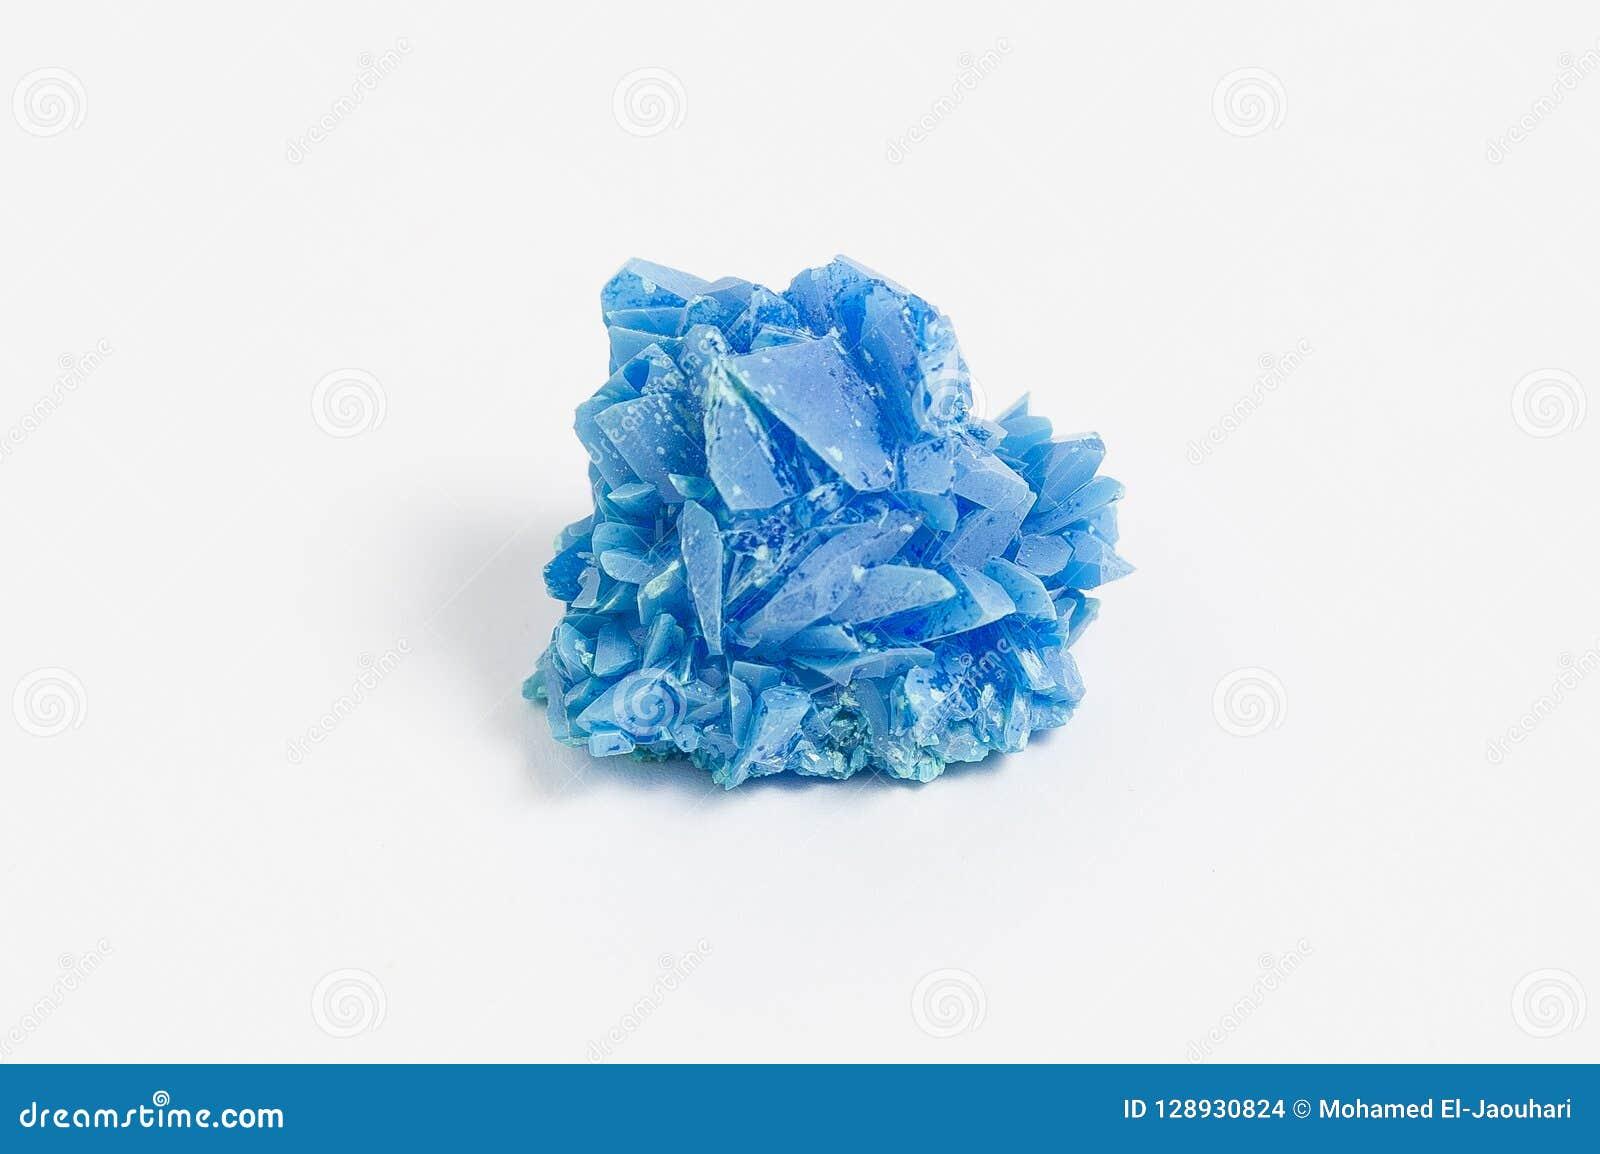 Mineral De La Calcantita En El Fondo Blanco También Sabido